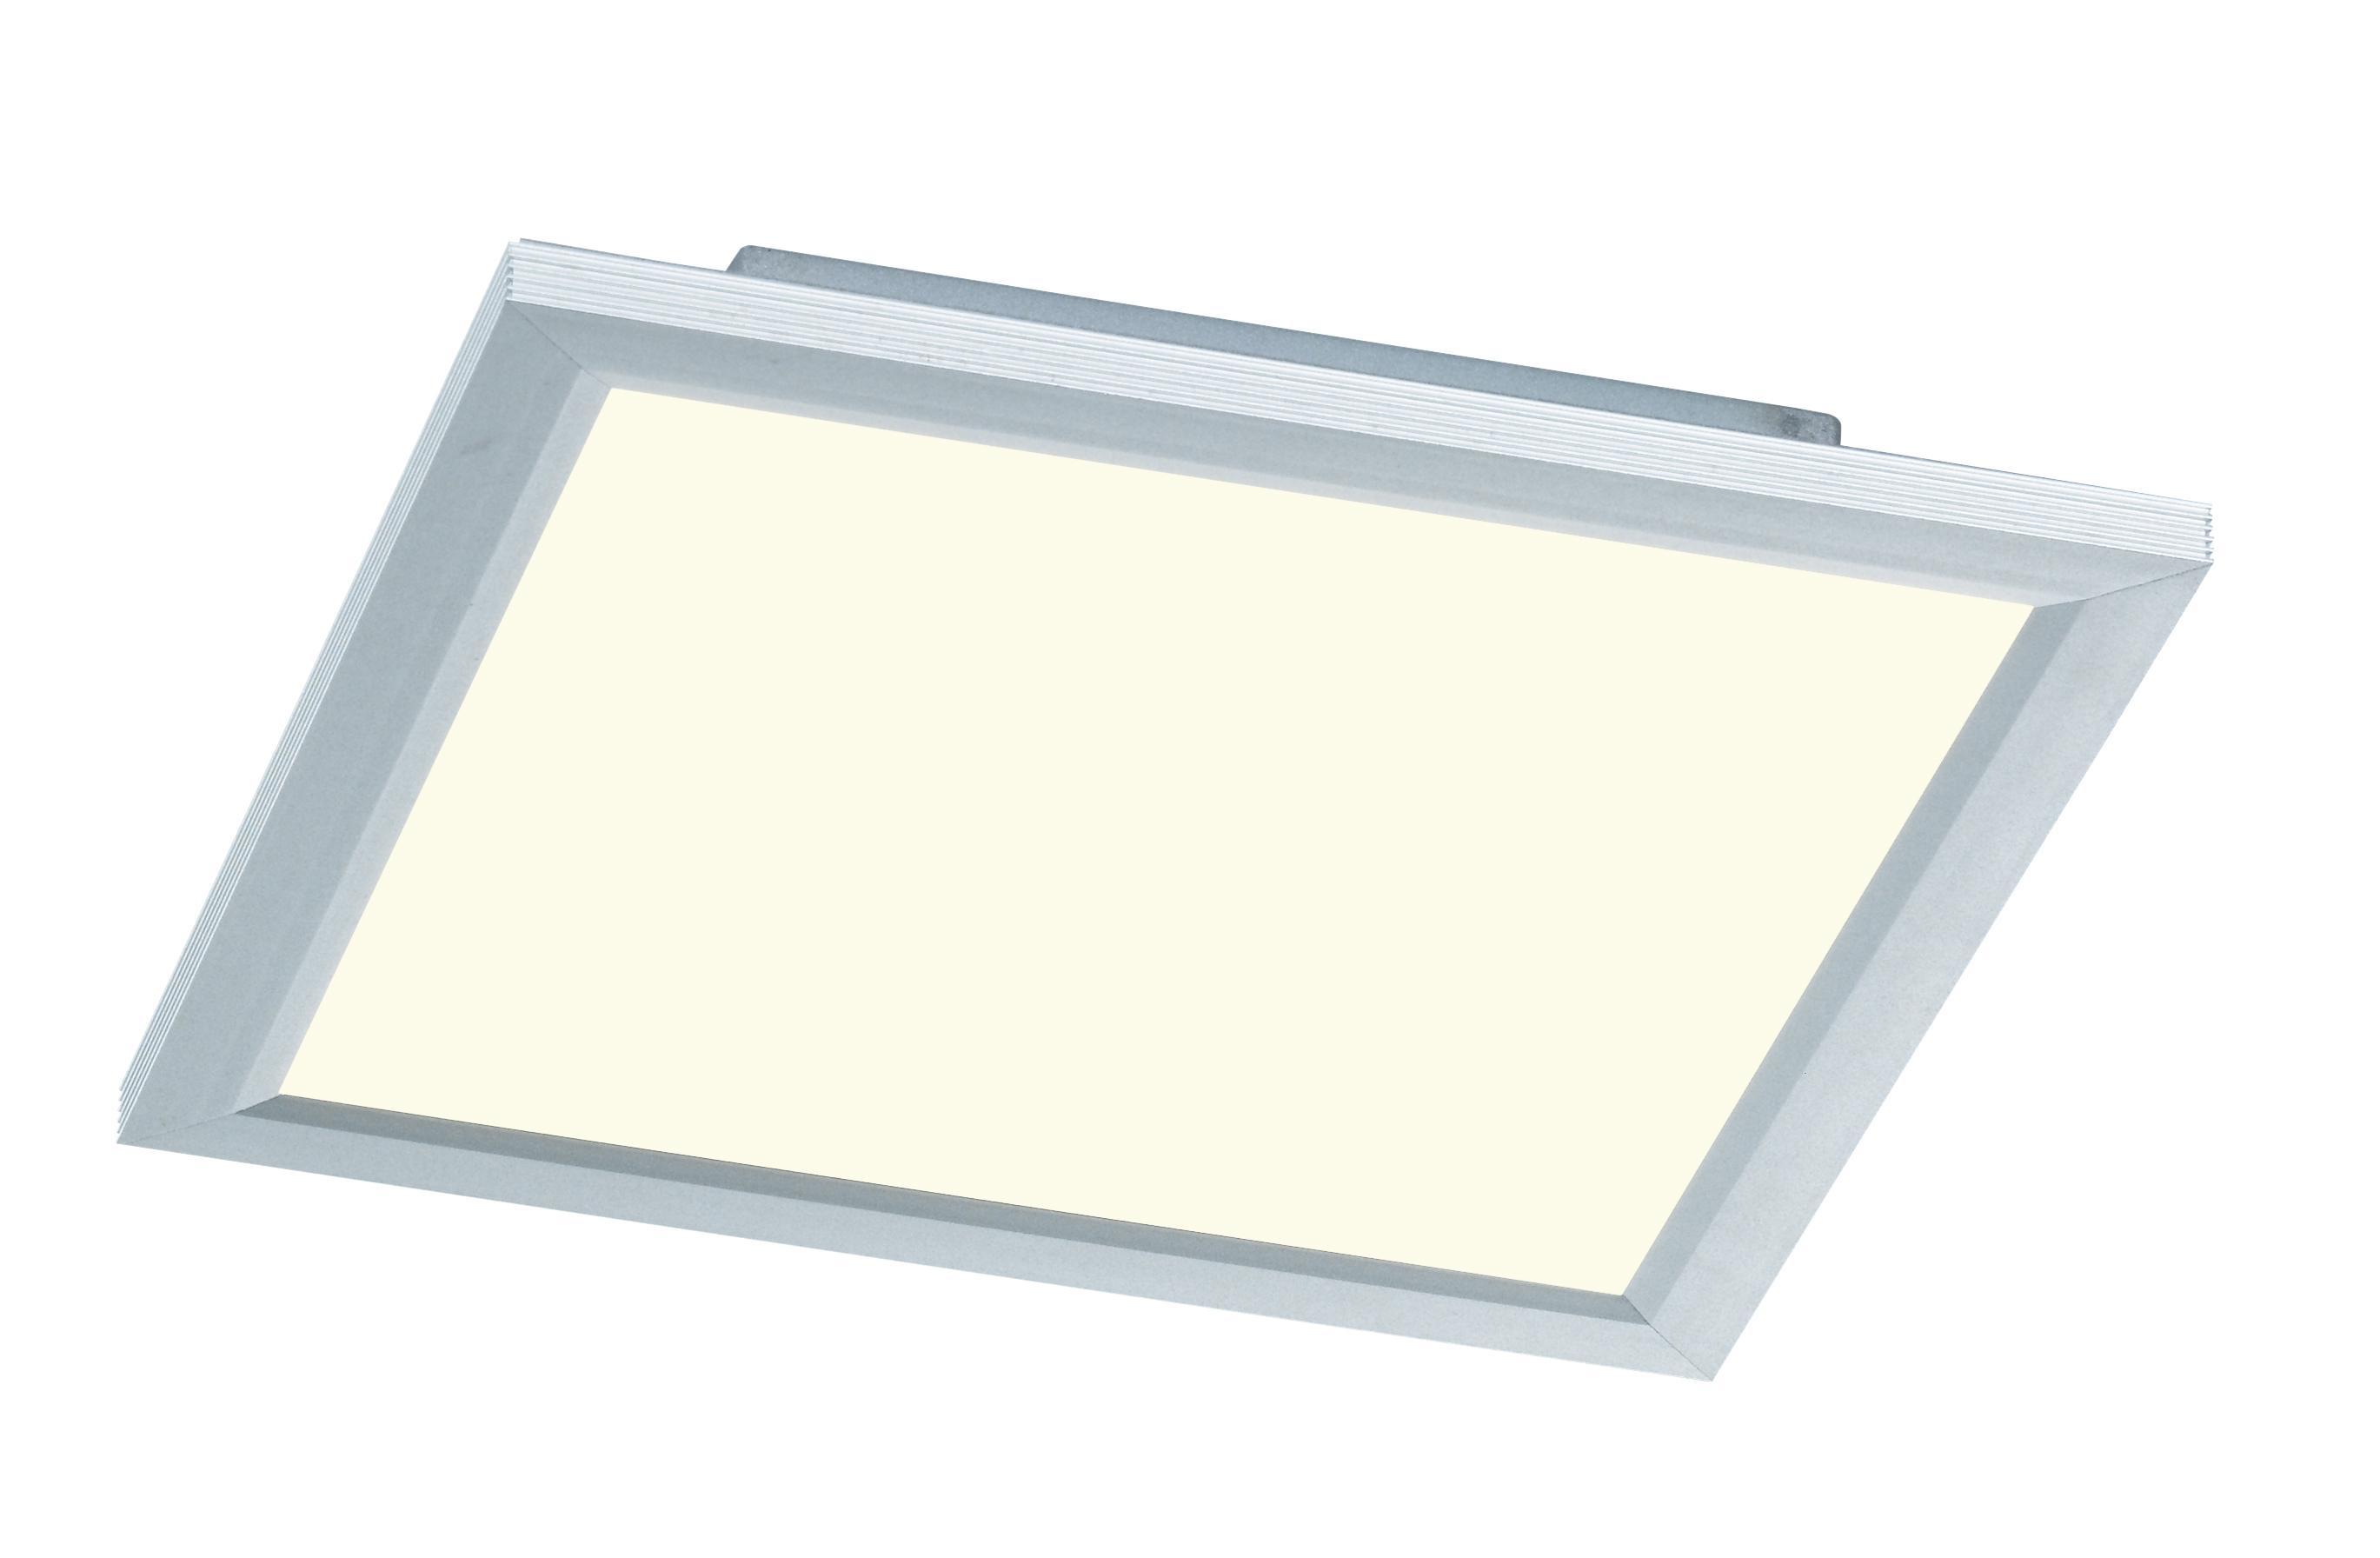 wofi deckenleuchte liv 1 flg silber 30x30 cm mit farbtemperaturwechsler. Black Bedroom Furniture Sets. Home Design Ideas